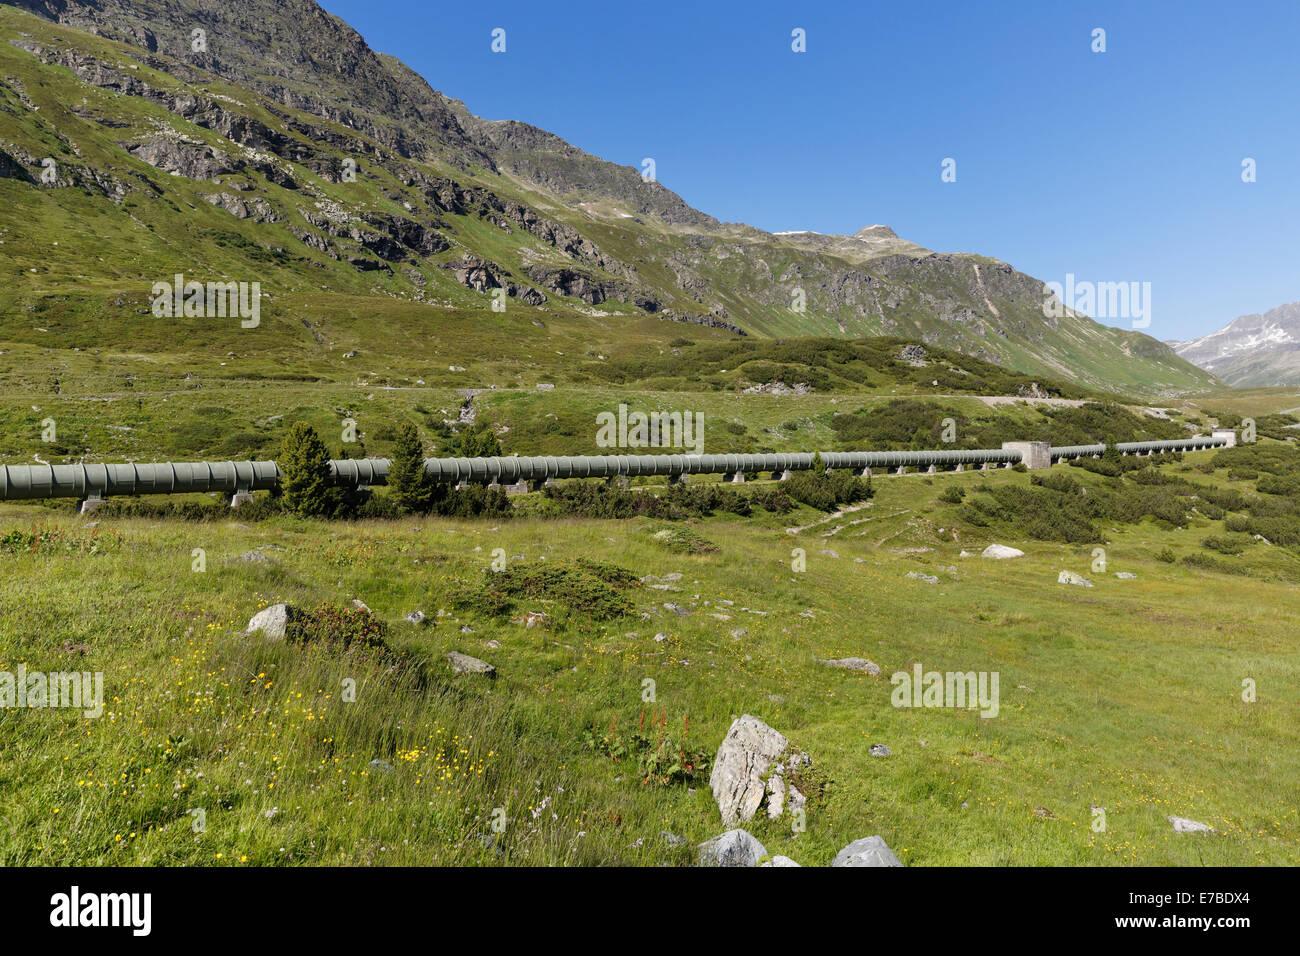 Water pipeline from the Silvretta reservoir, Bielerhöhe pass, Vermunt, Vorarlberg, Austria - Stock Image